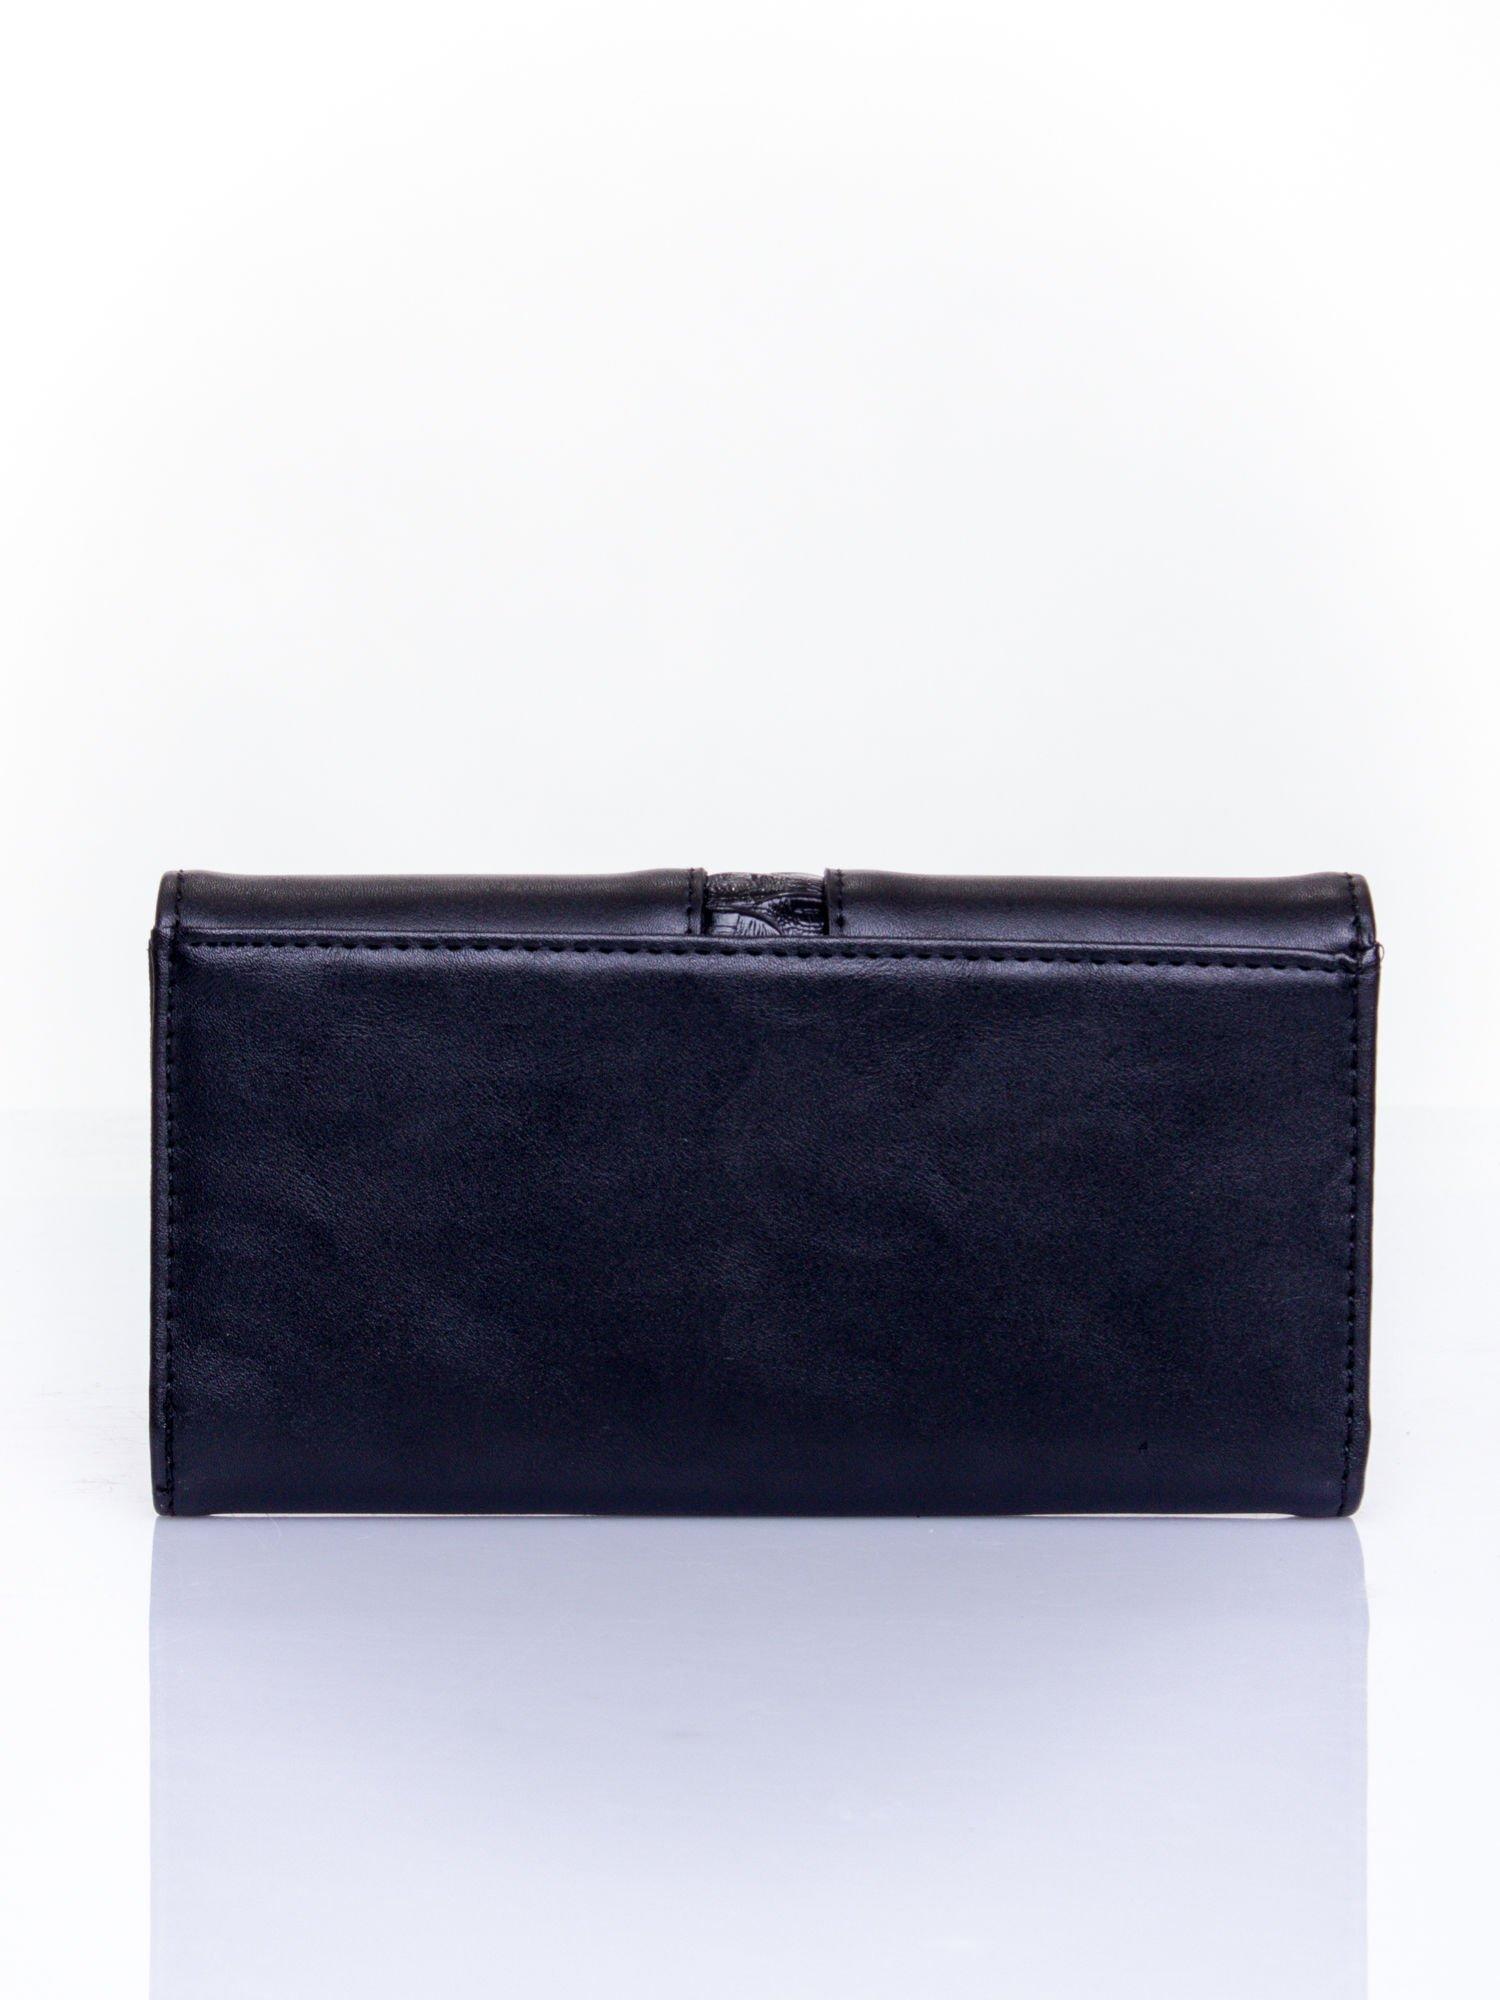 Czarny portfel ze złotym zapięciem                                   zdj.                                  2